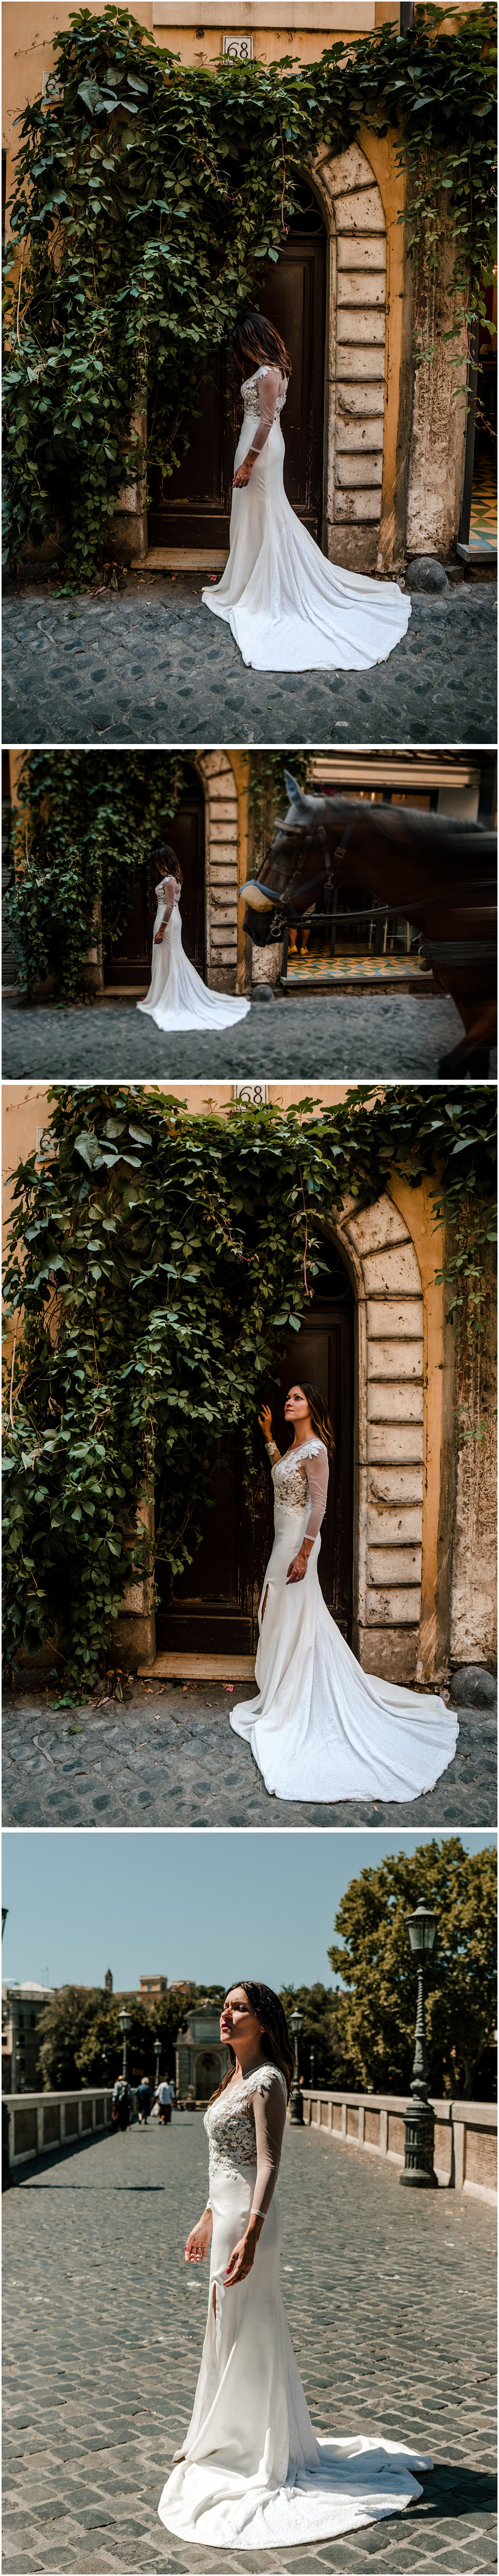 una novia en roma